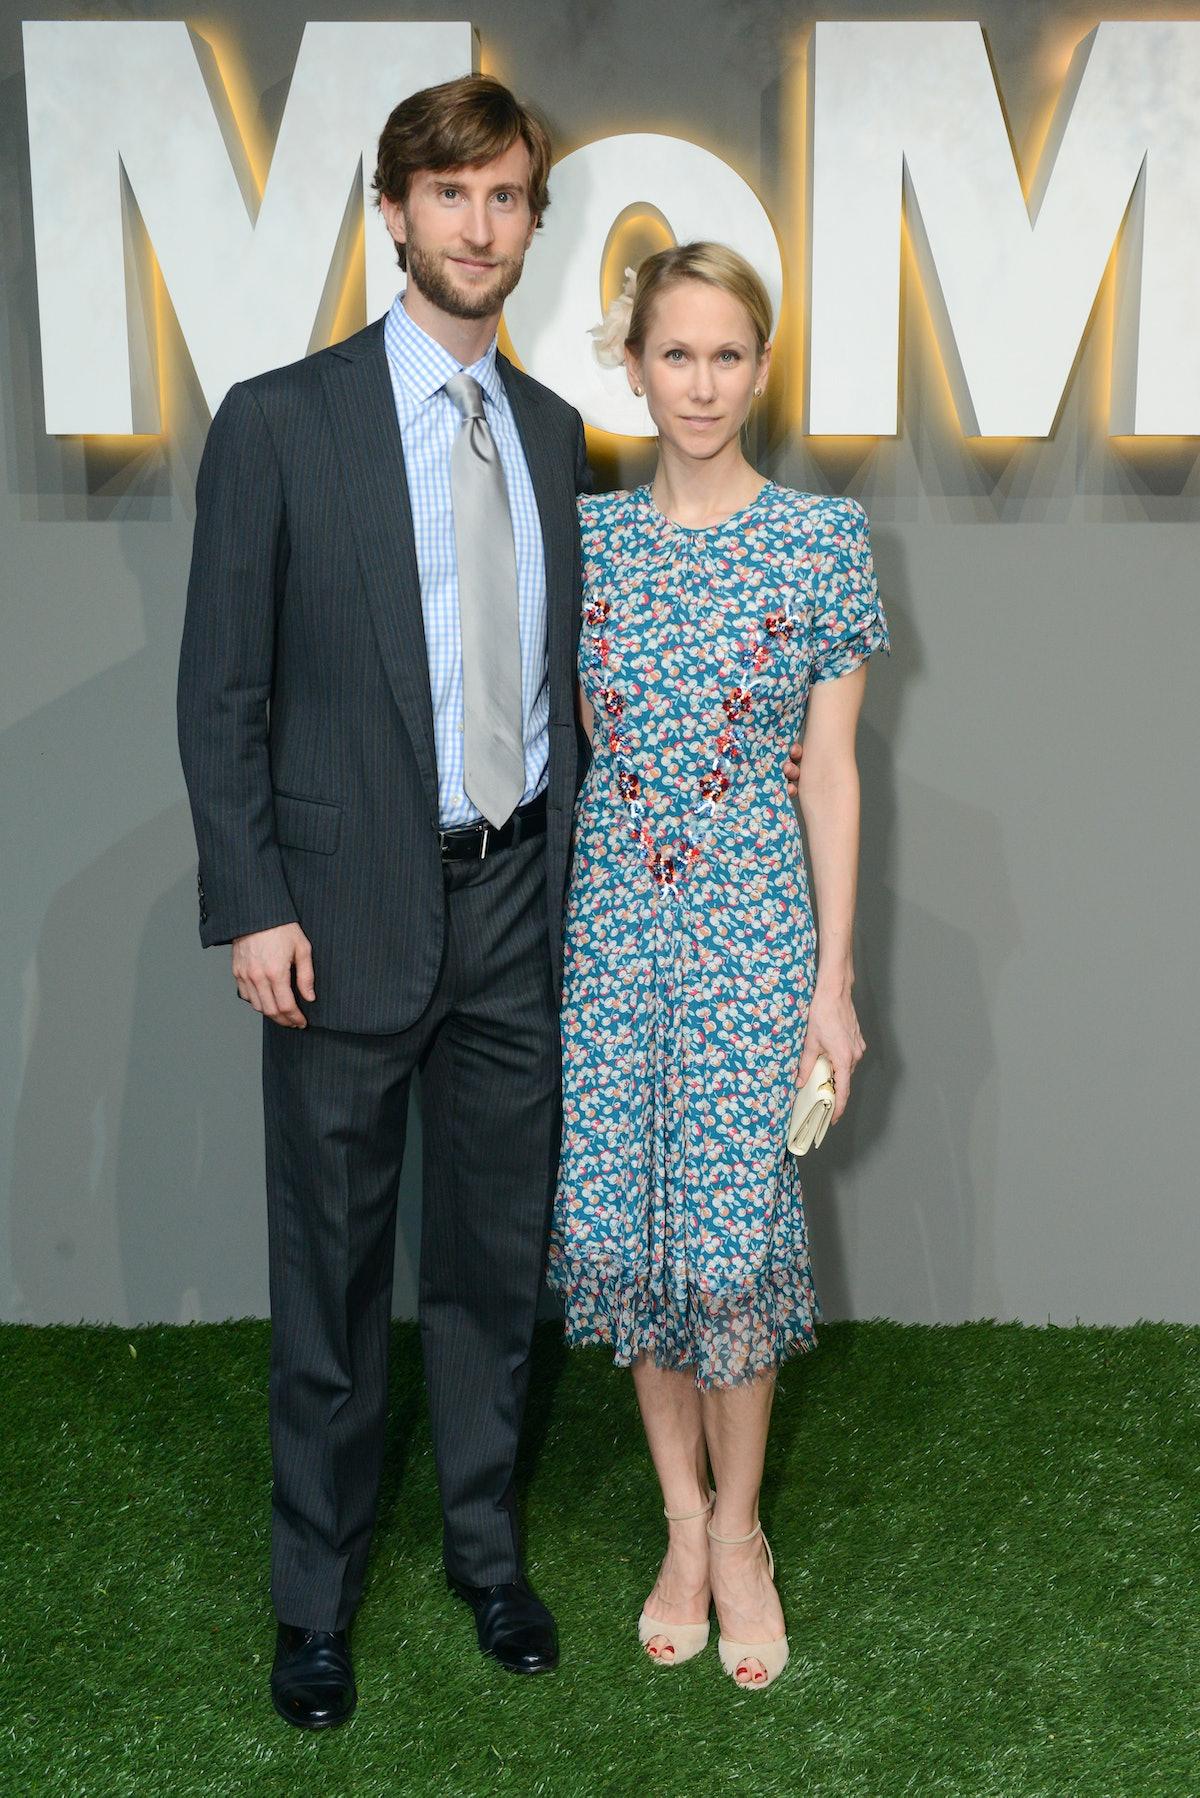 Justin and Indre Rockefeller